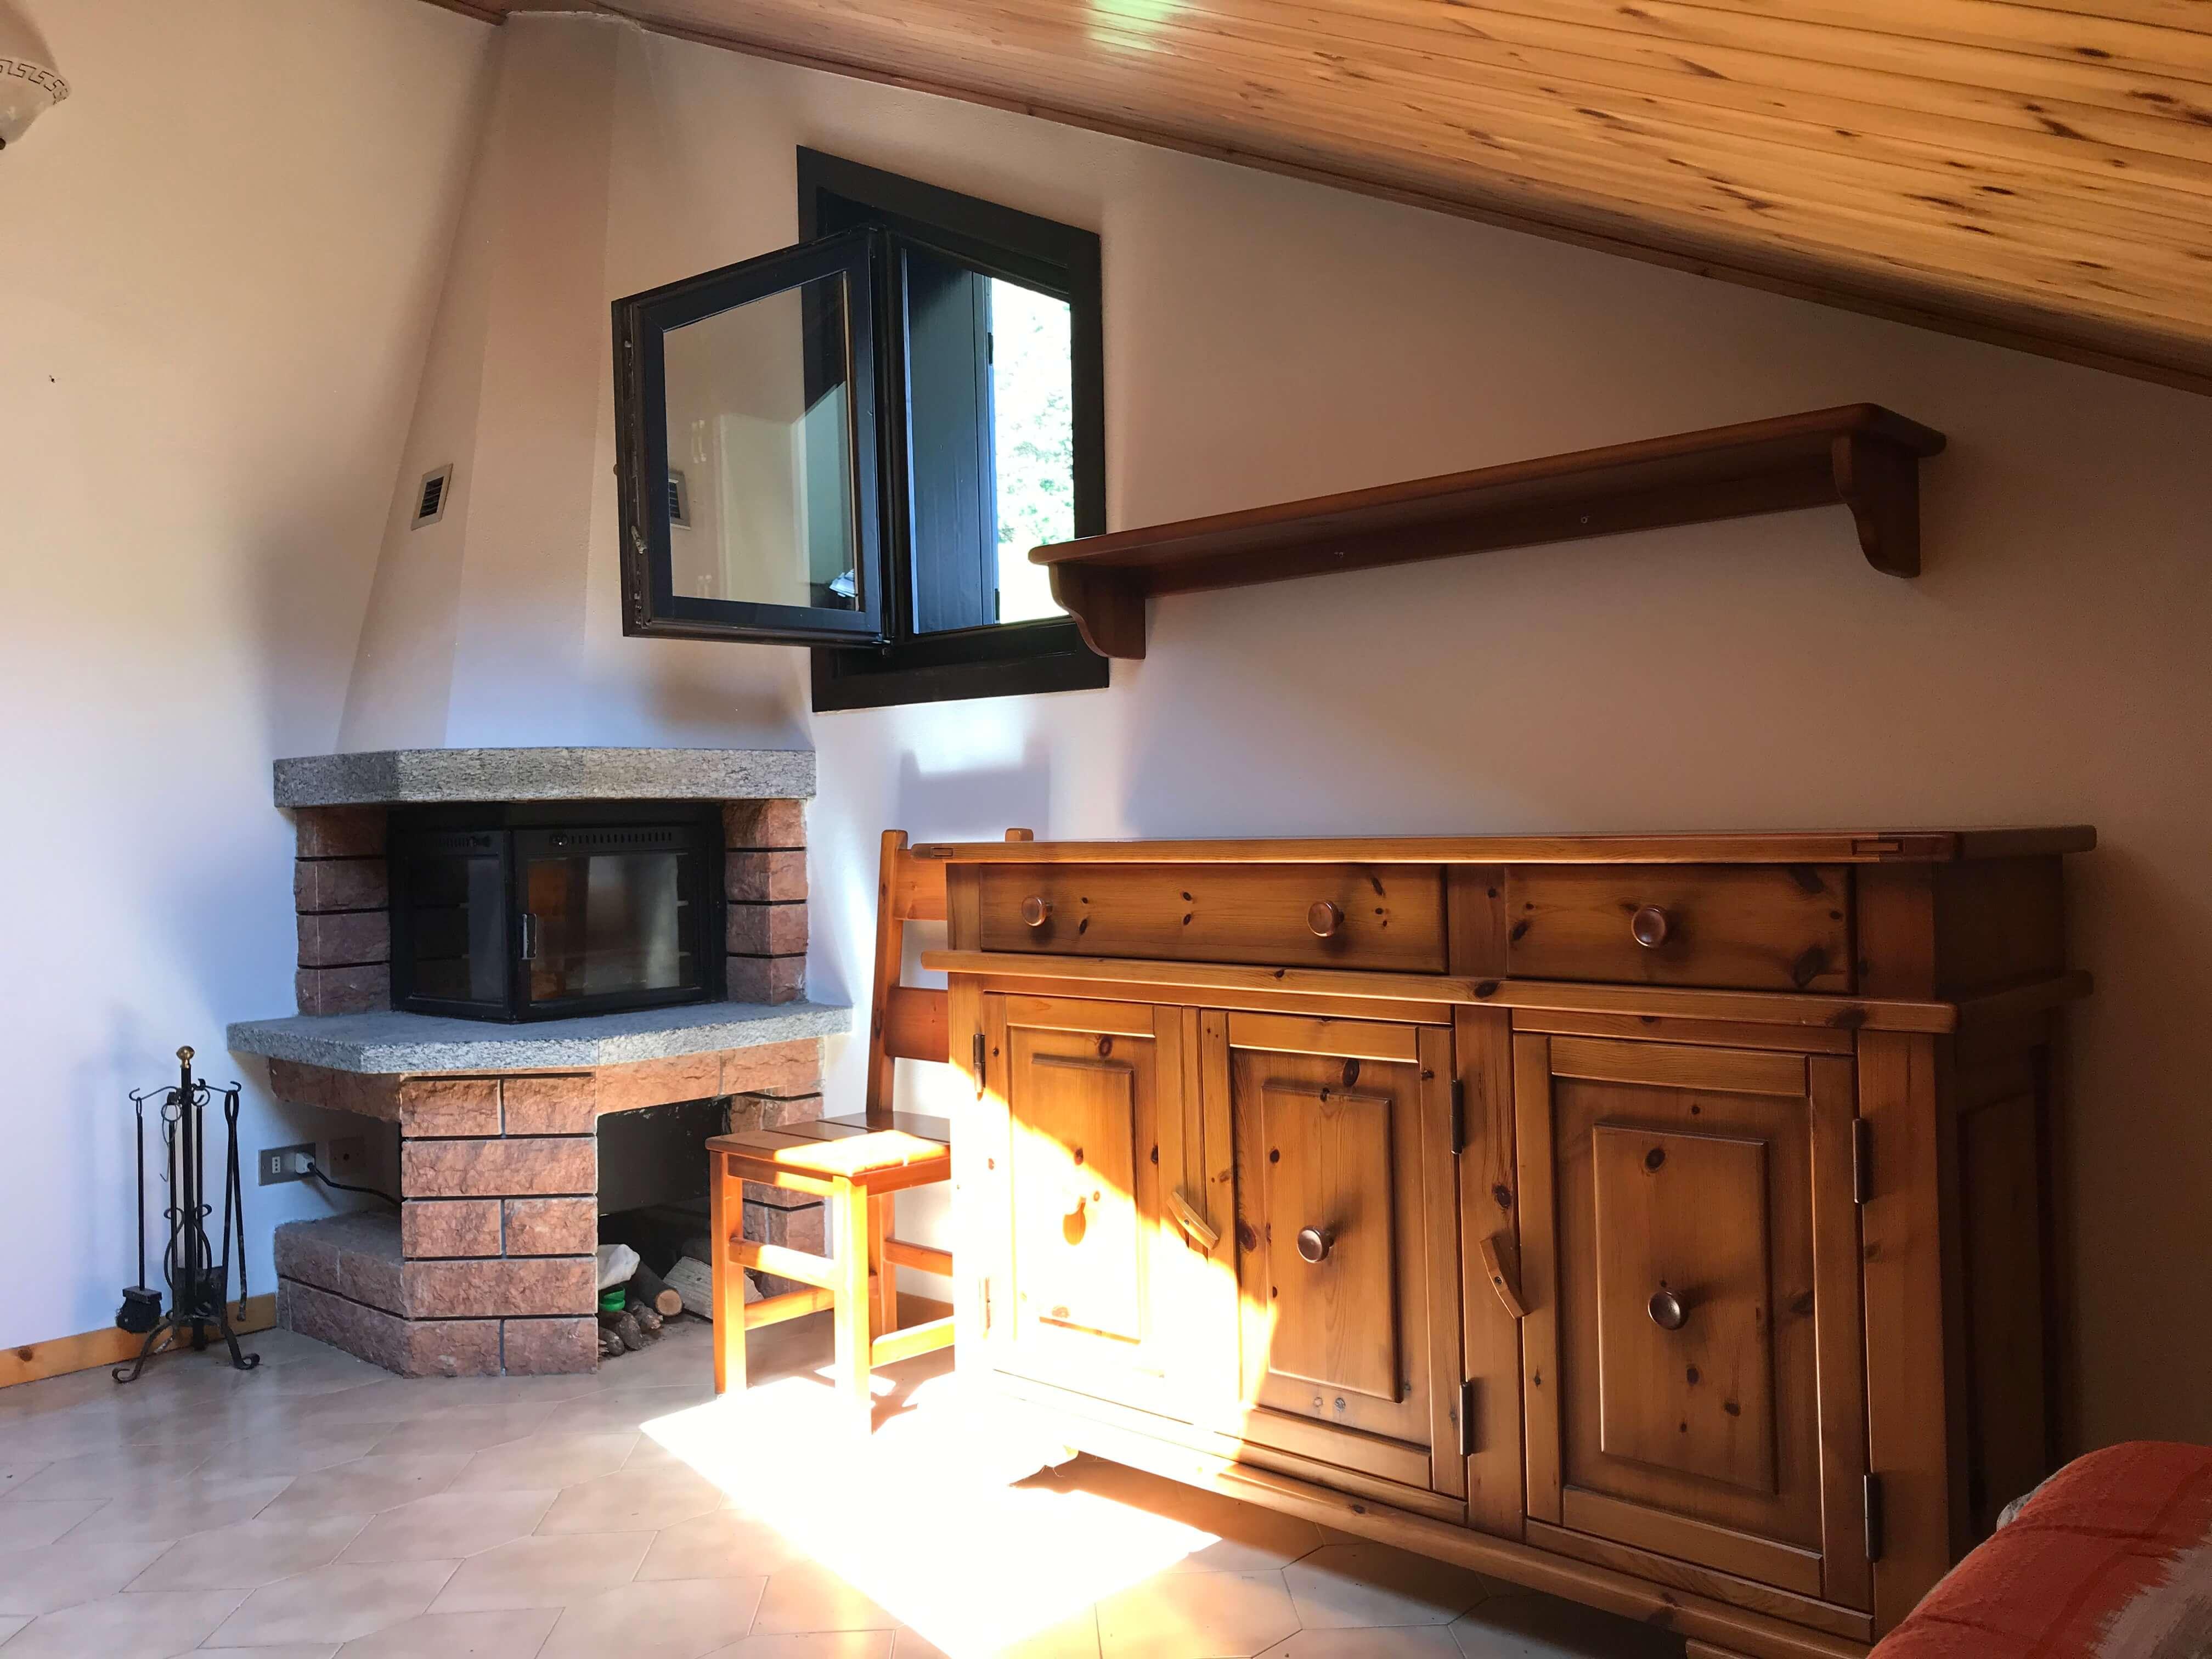 Immobiliare Abita mansarda bilocale in vendita - soggiorno, camino